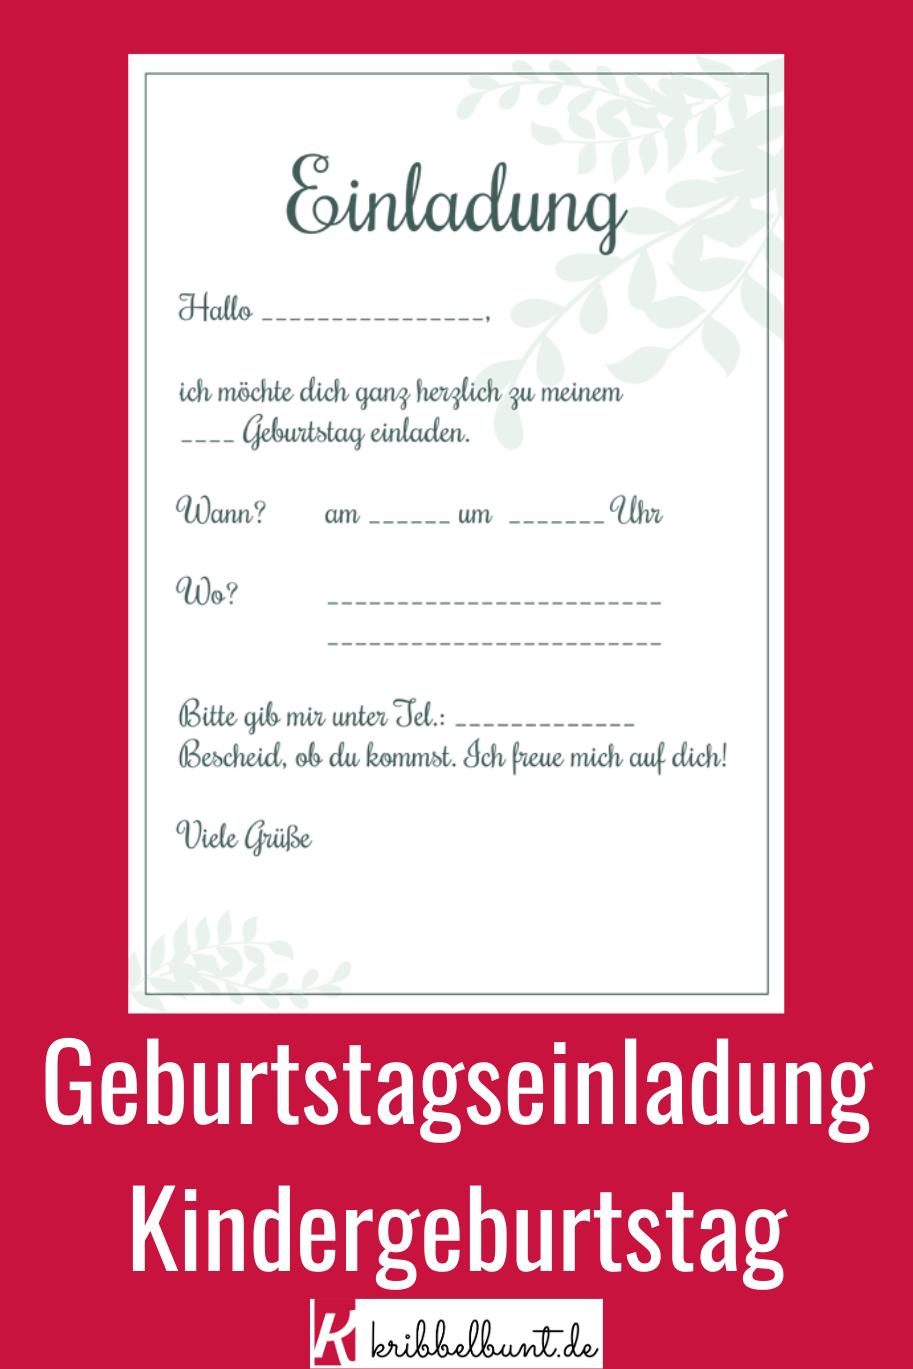 Einladungsvorlagen Zum Kindergeburts Einladungskarten Kindergeburtstag Zum Ausdrucken Einladungskarten Kindergeburtstag Geburtstagseinladungen Kindergeburtstag